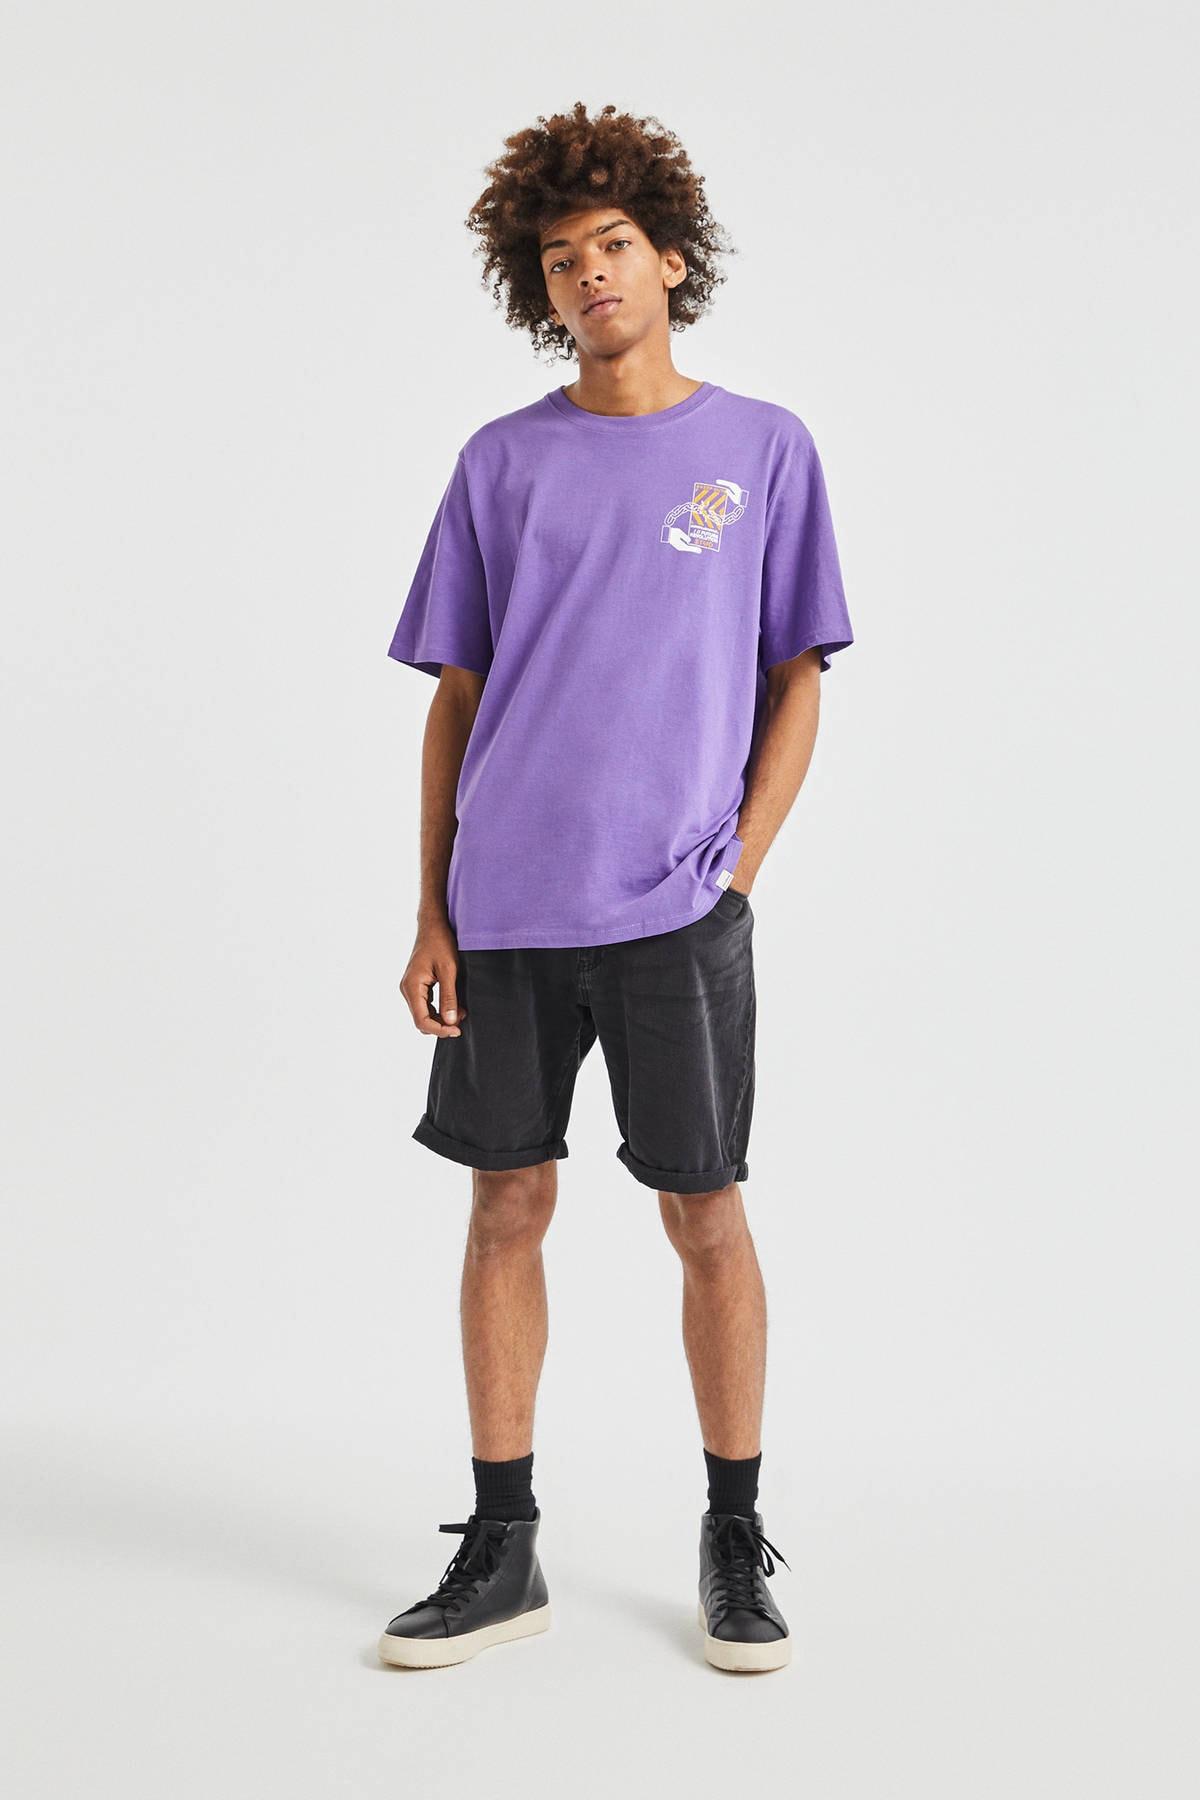 Pull & Bear Erkek Koyu Mor 3D Küp Desenli T-Shirt 09247566 2